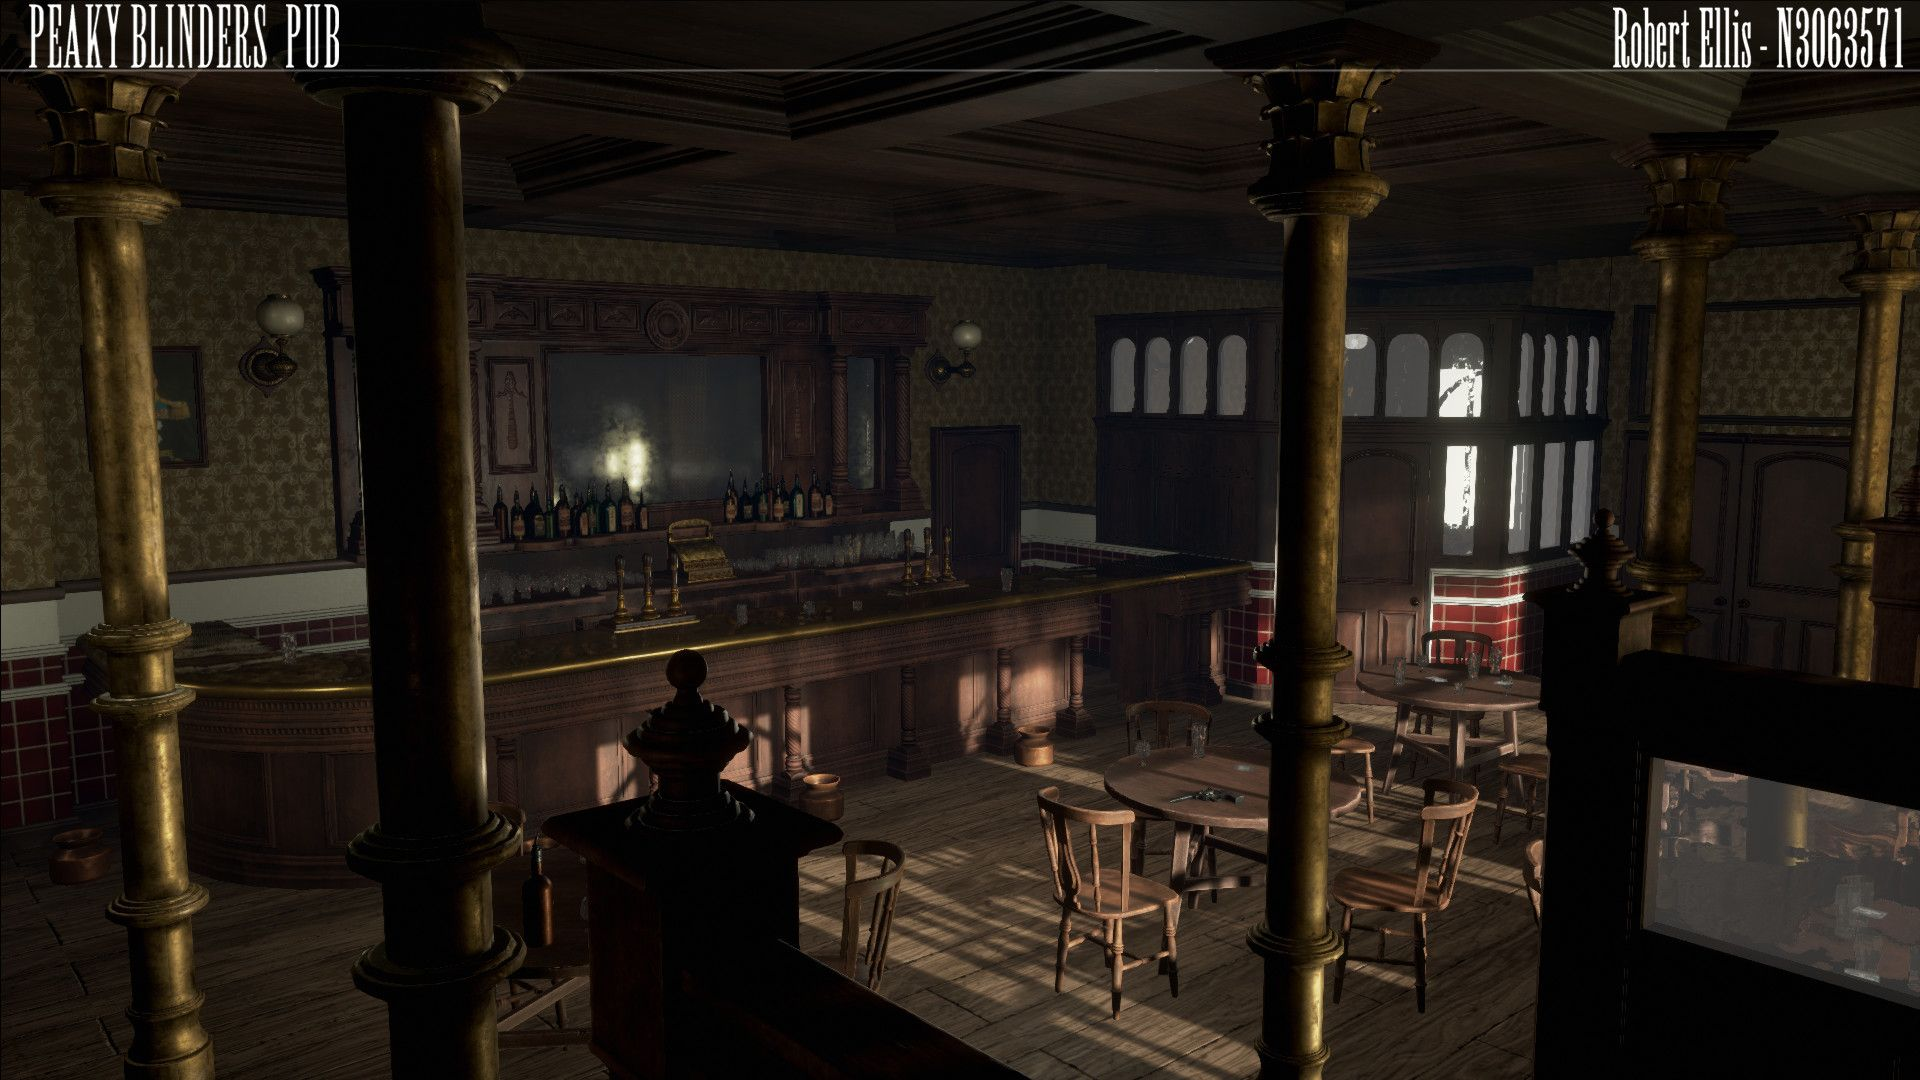 1920x1080 Peaky Blinders Pub Environment In 2019 Peaky